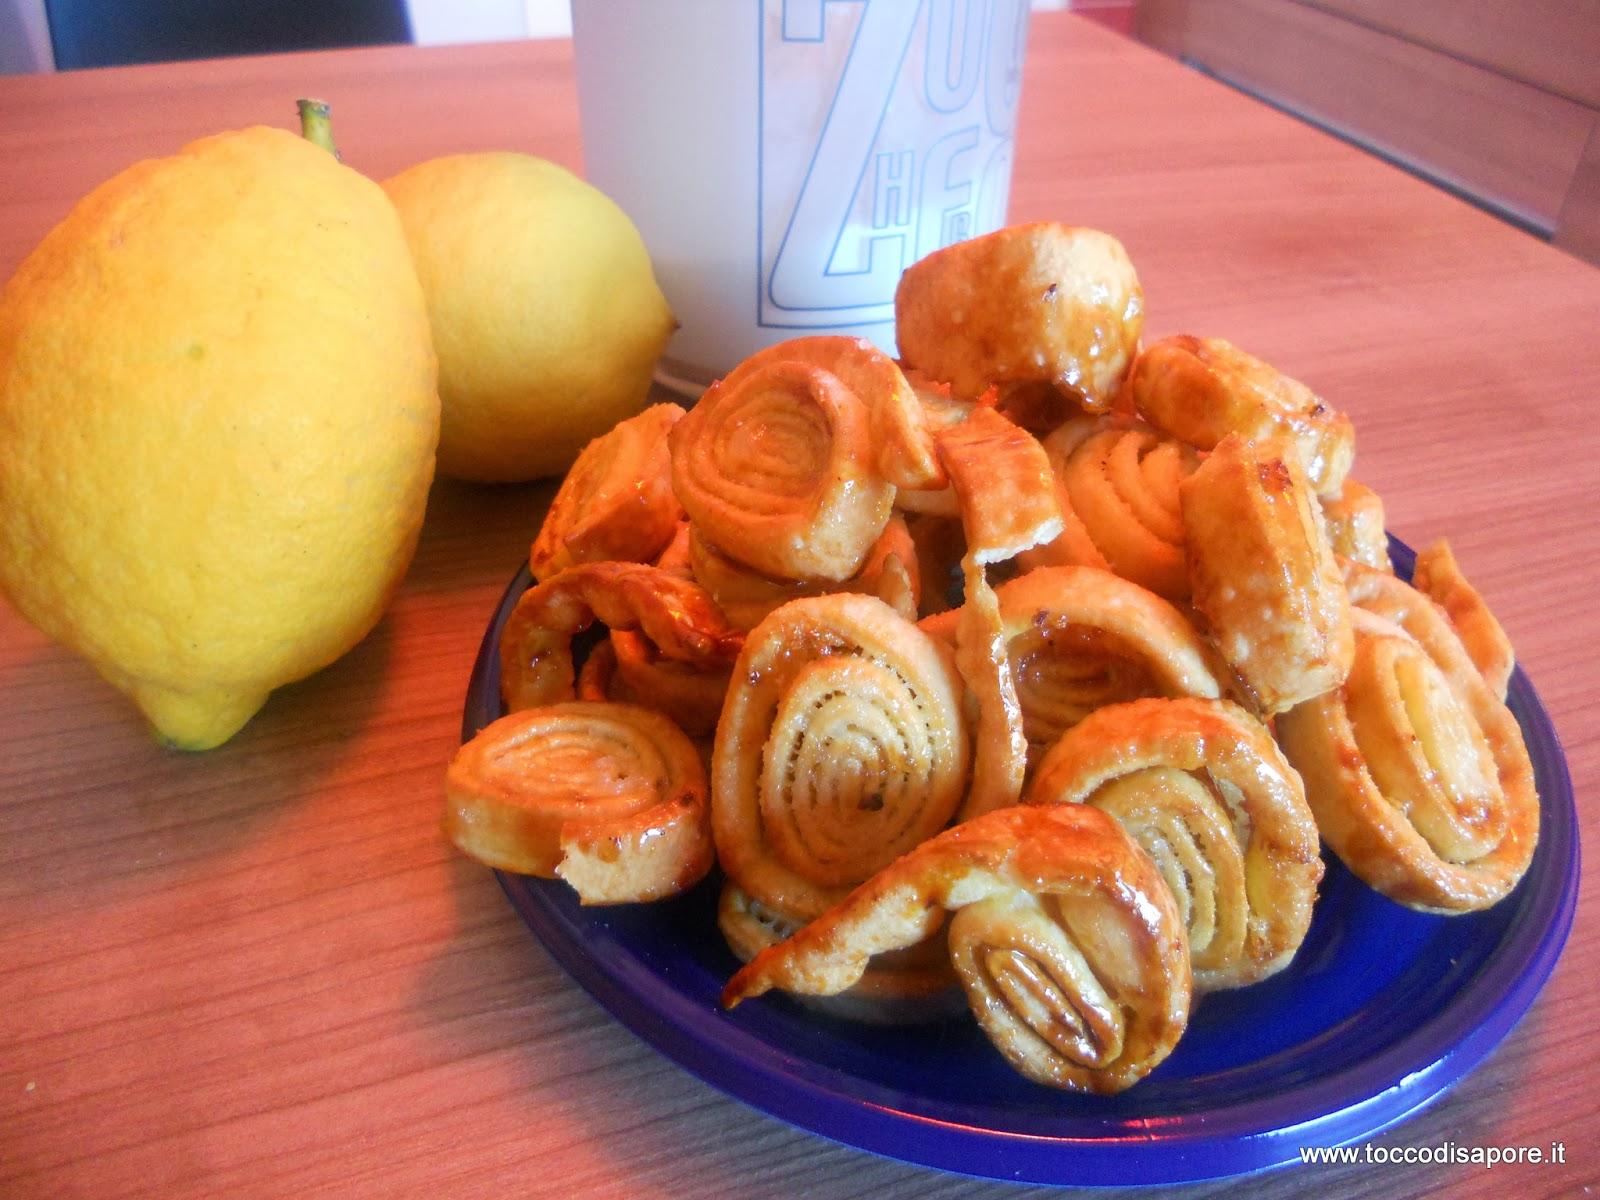 Girelle di carnevale caramellate al limone